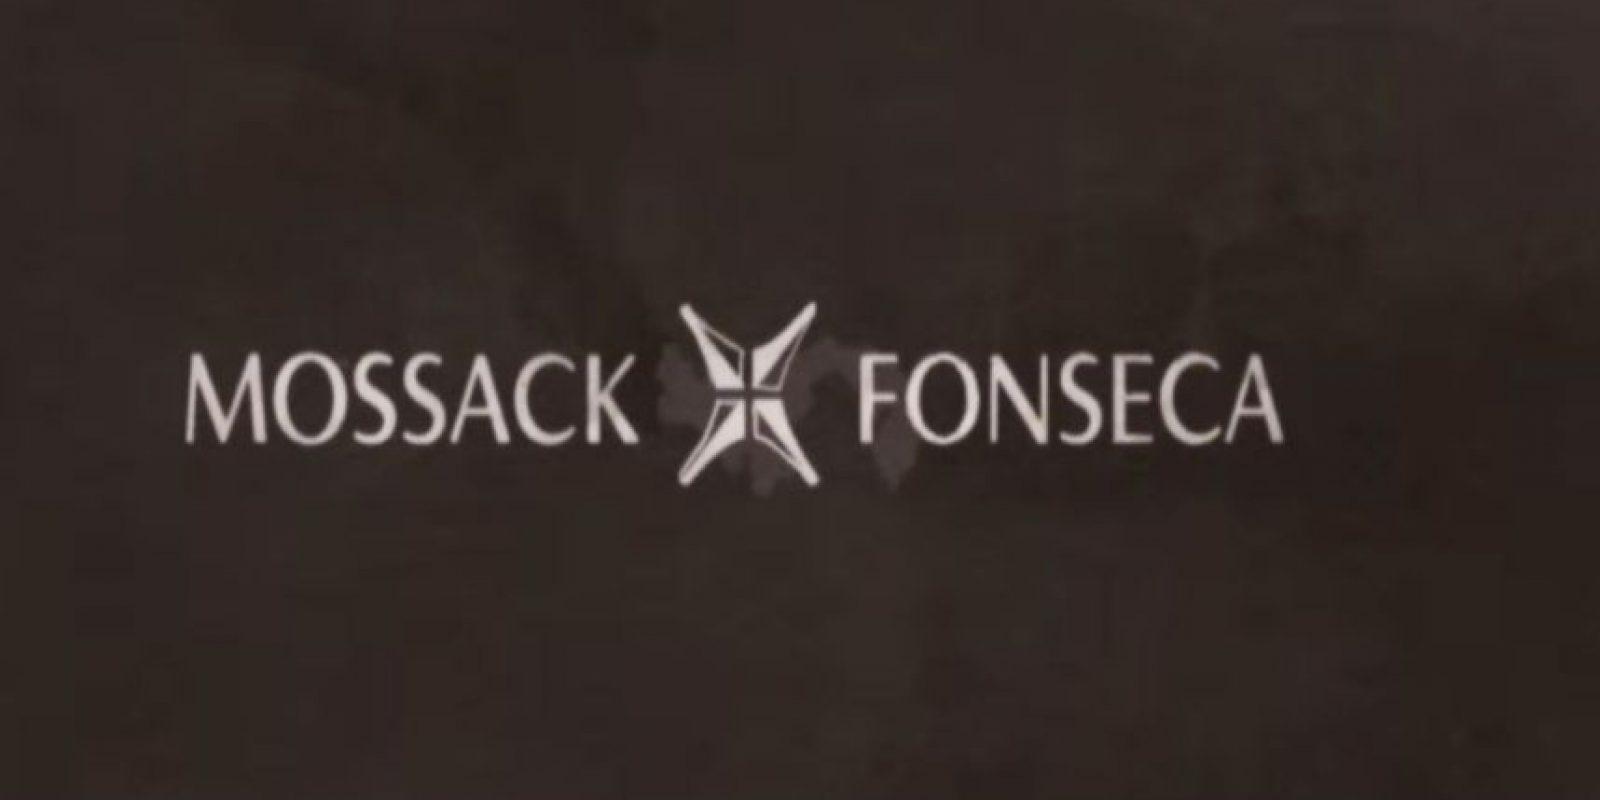 Estas personas se asesoraron por la firma de abogados Mossack Fonseca Foto:Panamá Papers